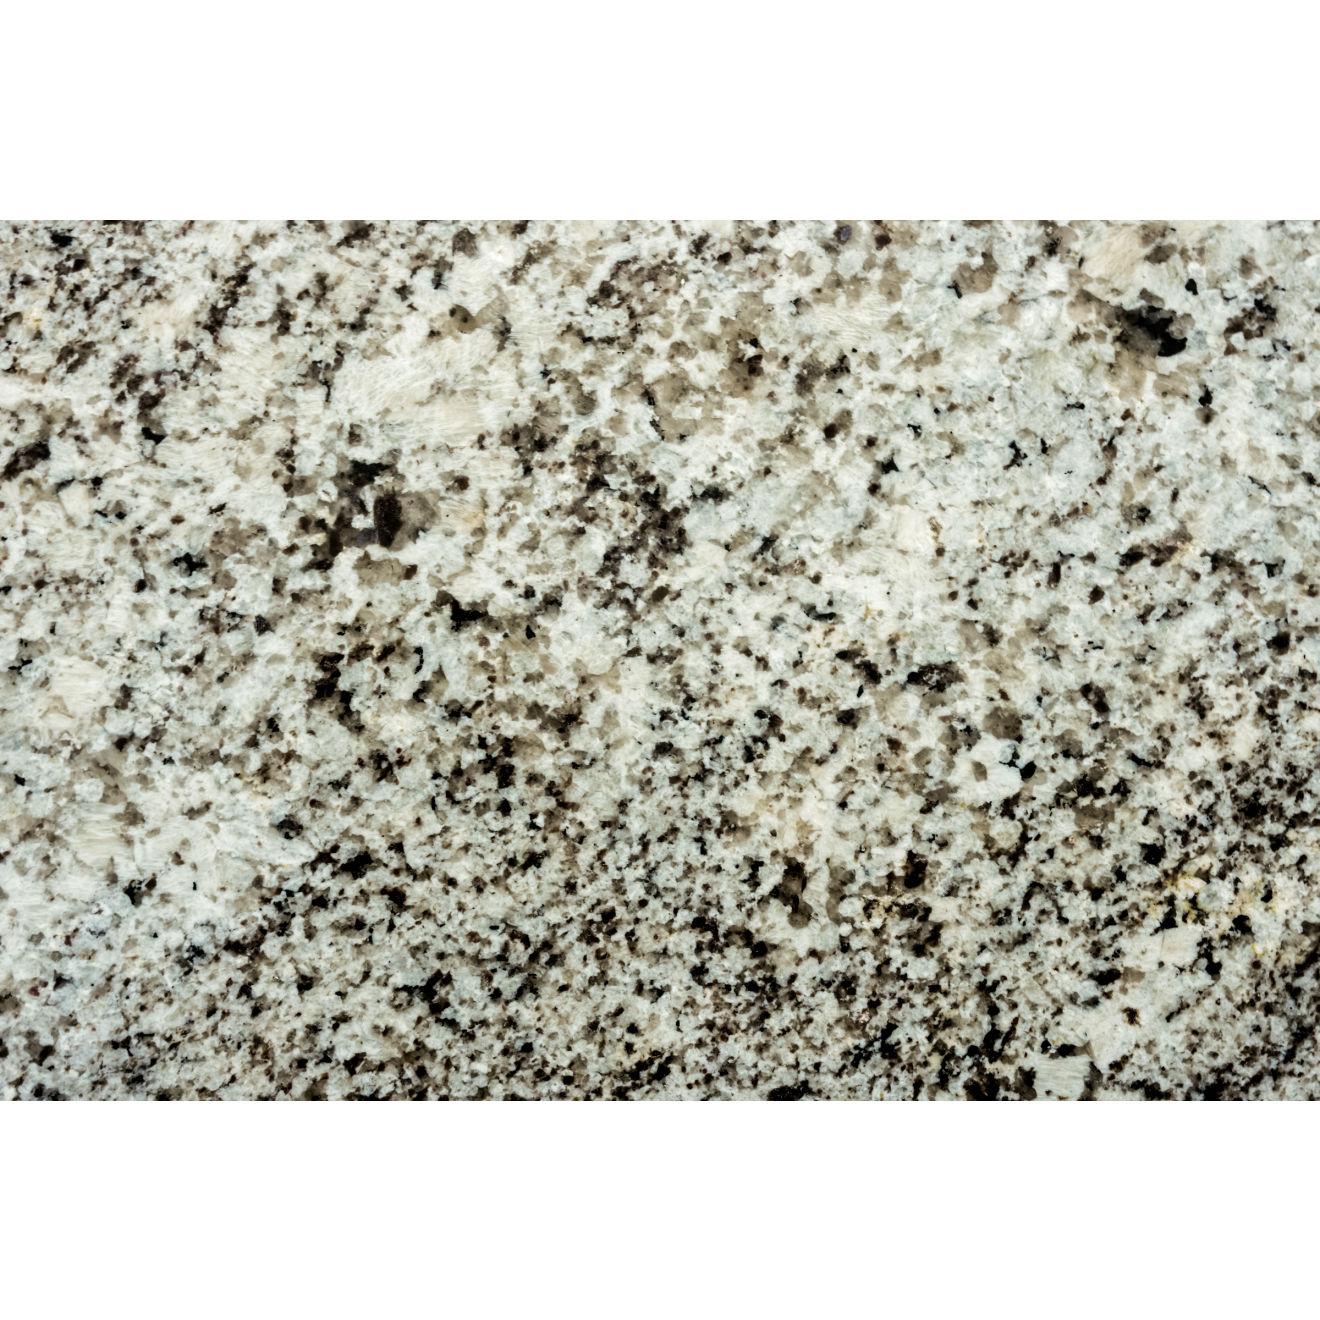 siena gold granite granite slabs bedrosians tile stone